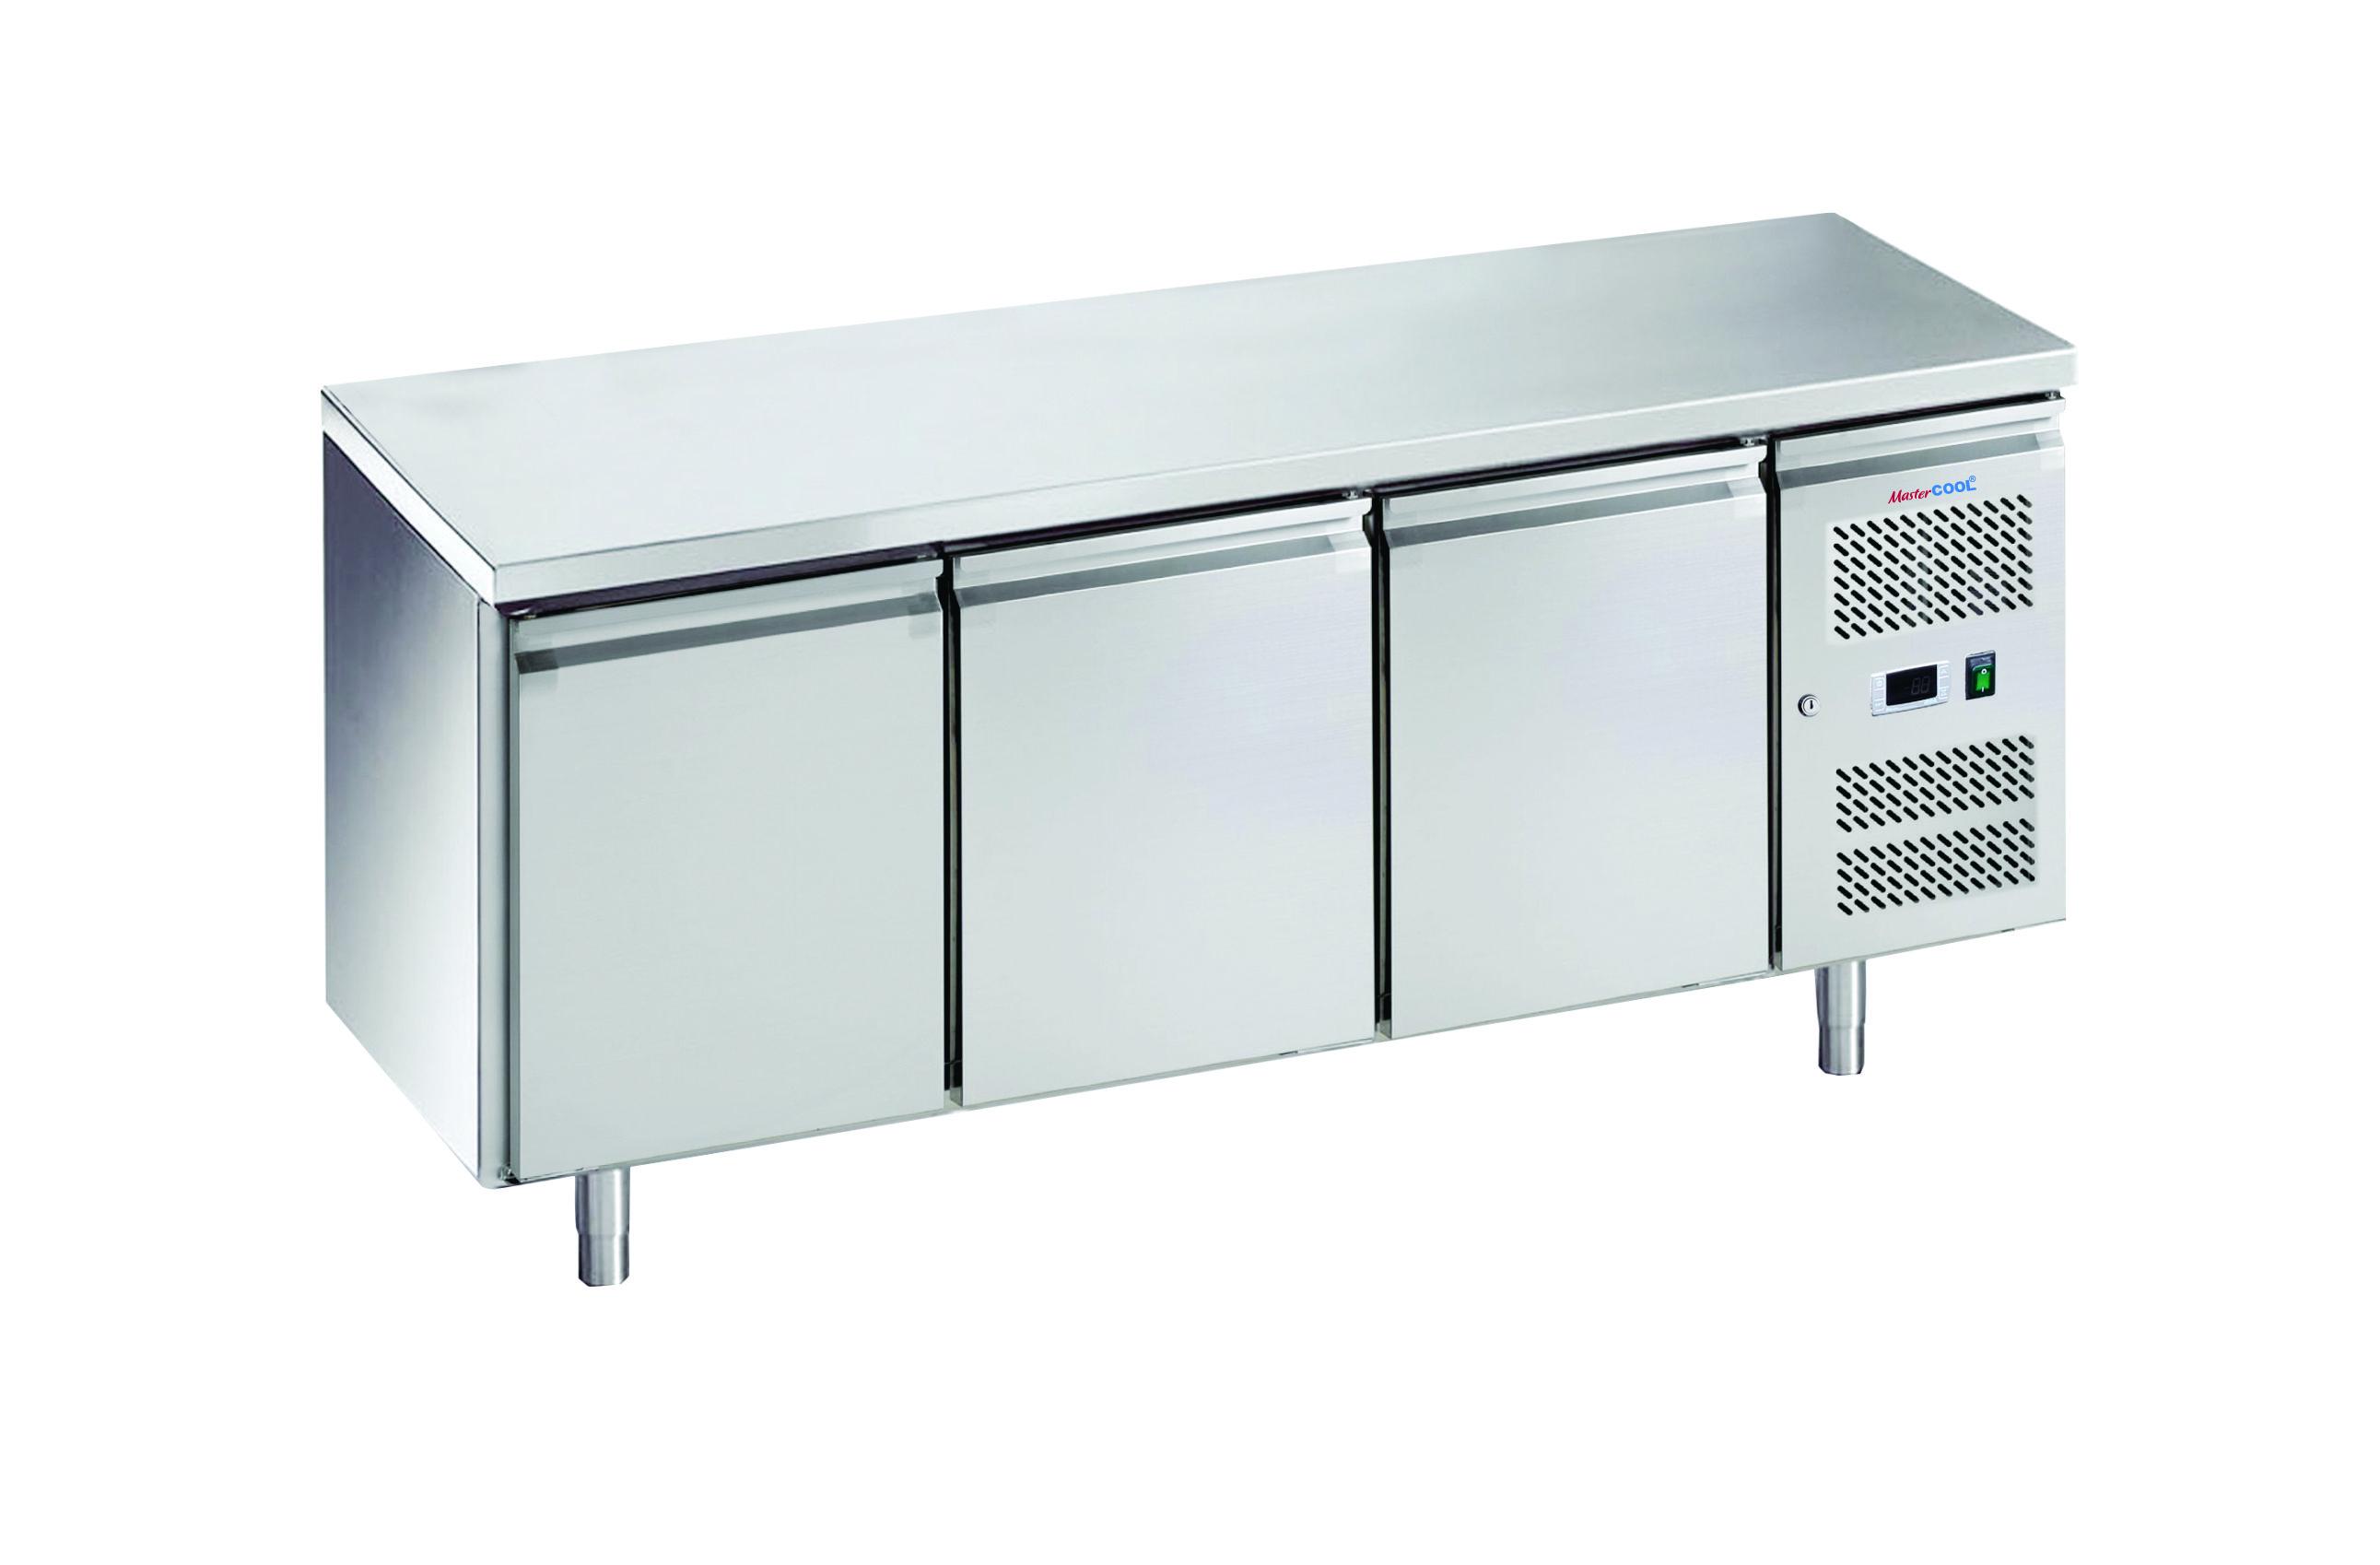 Bàn lạnh 3 cánh Inox - 3 door counter chiller